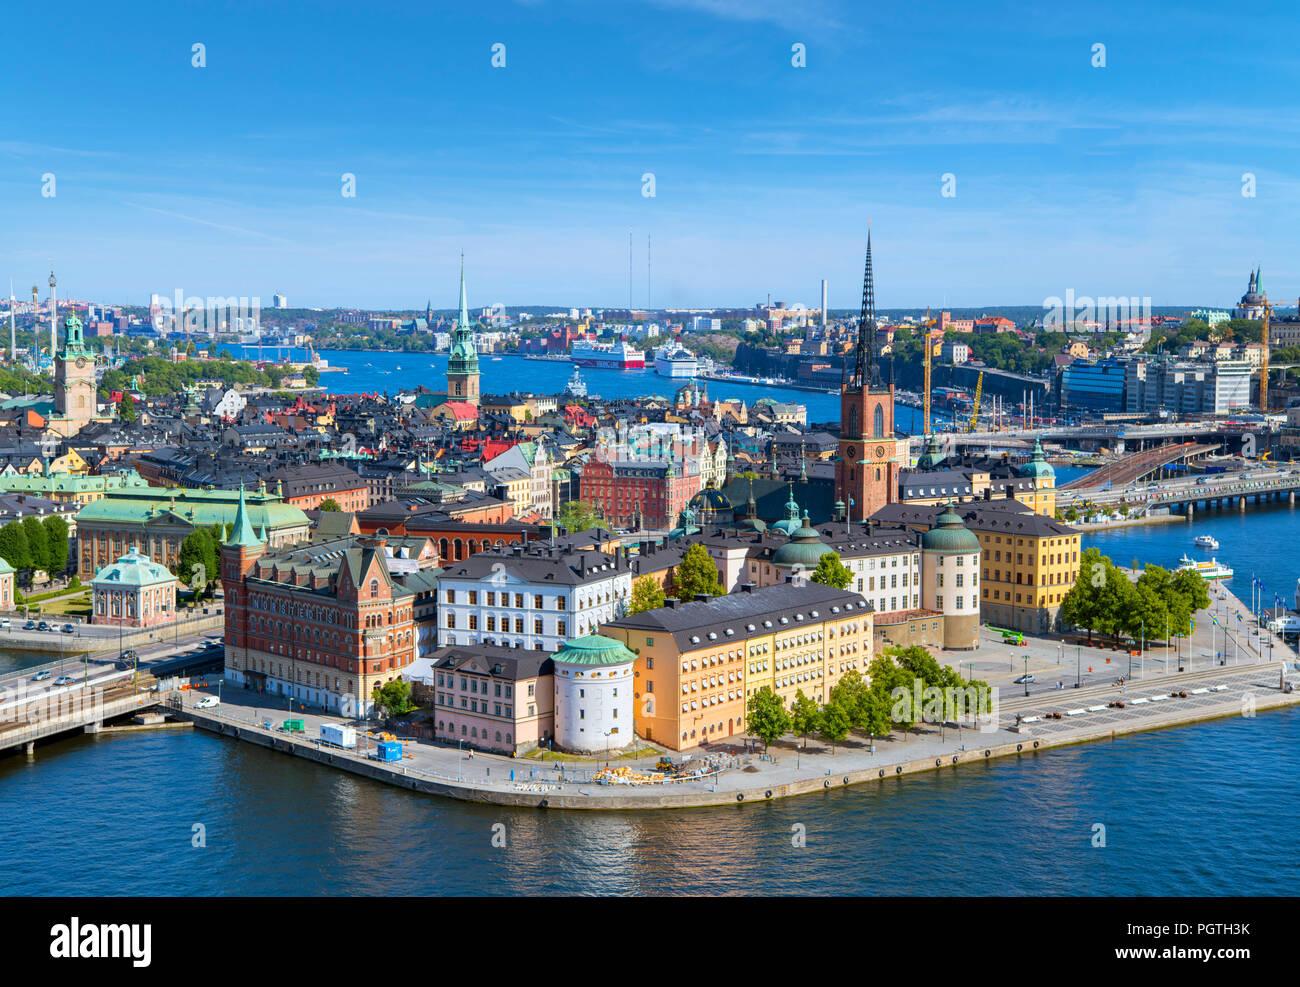 Stoccolma. Vista aerea di Riddarholmen e Gamla Stan (la Città Vecchia) dalla Torre del Municipio di Stoccolma (Stadshuset), Kungsholmen, Stoccolma, Svezia Immagini Stock